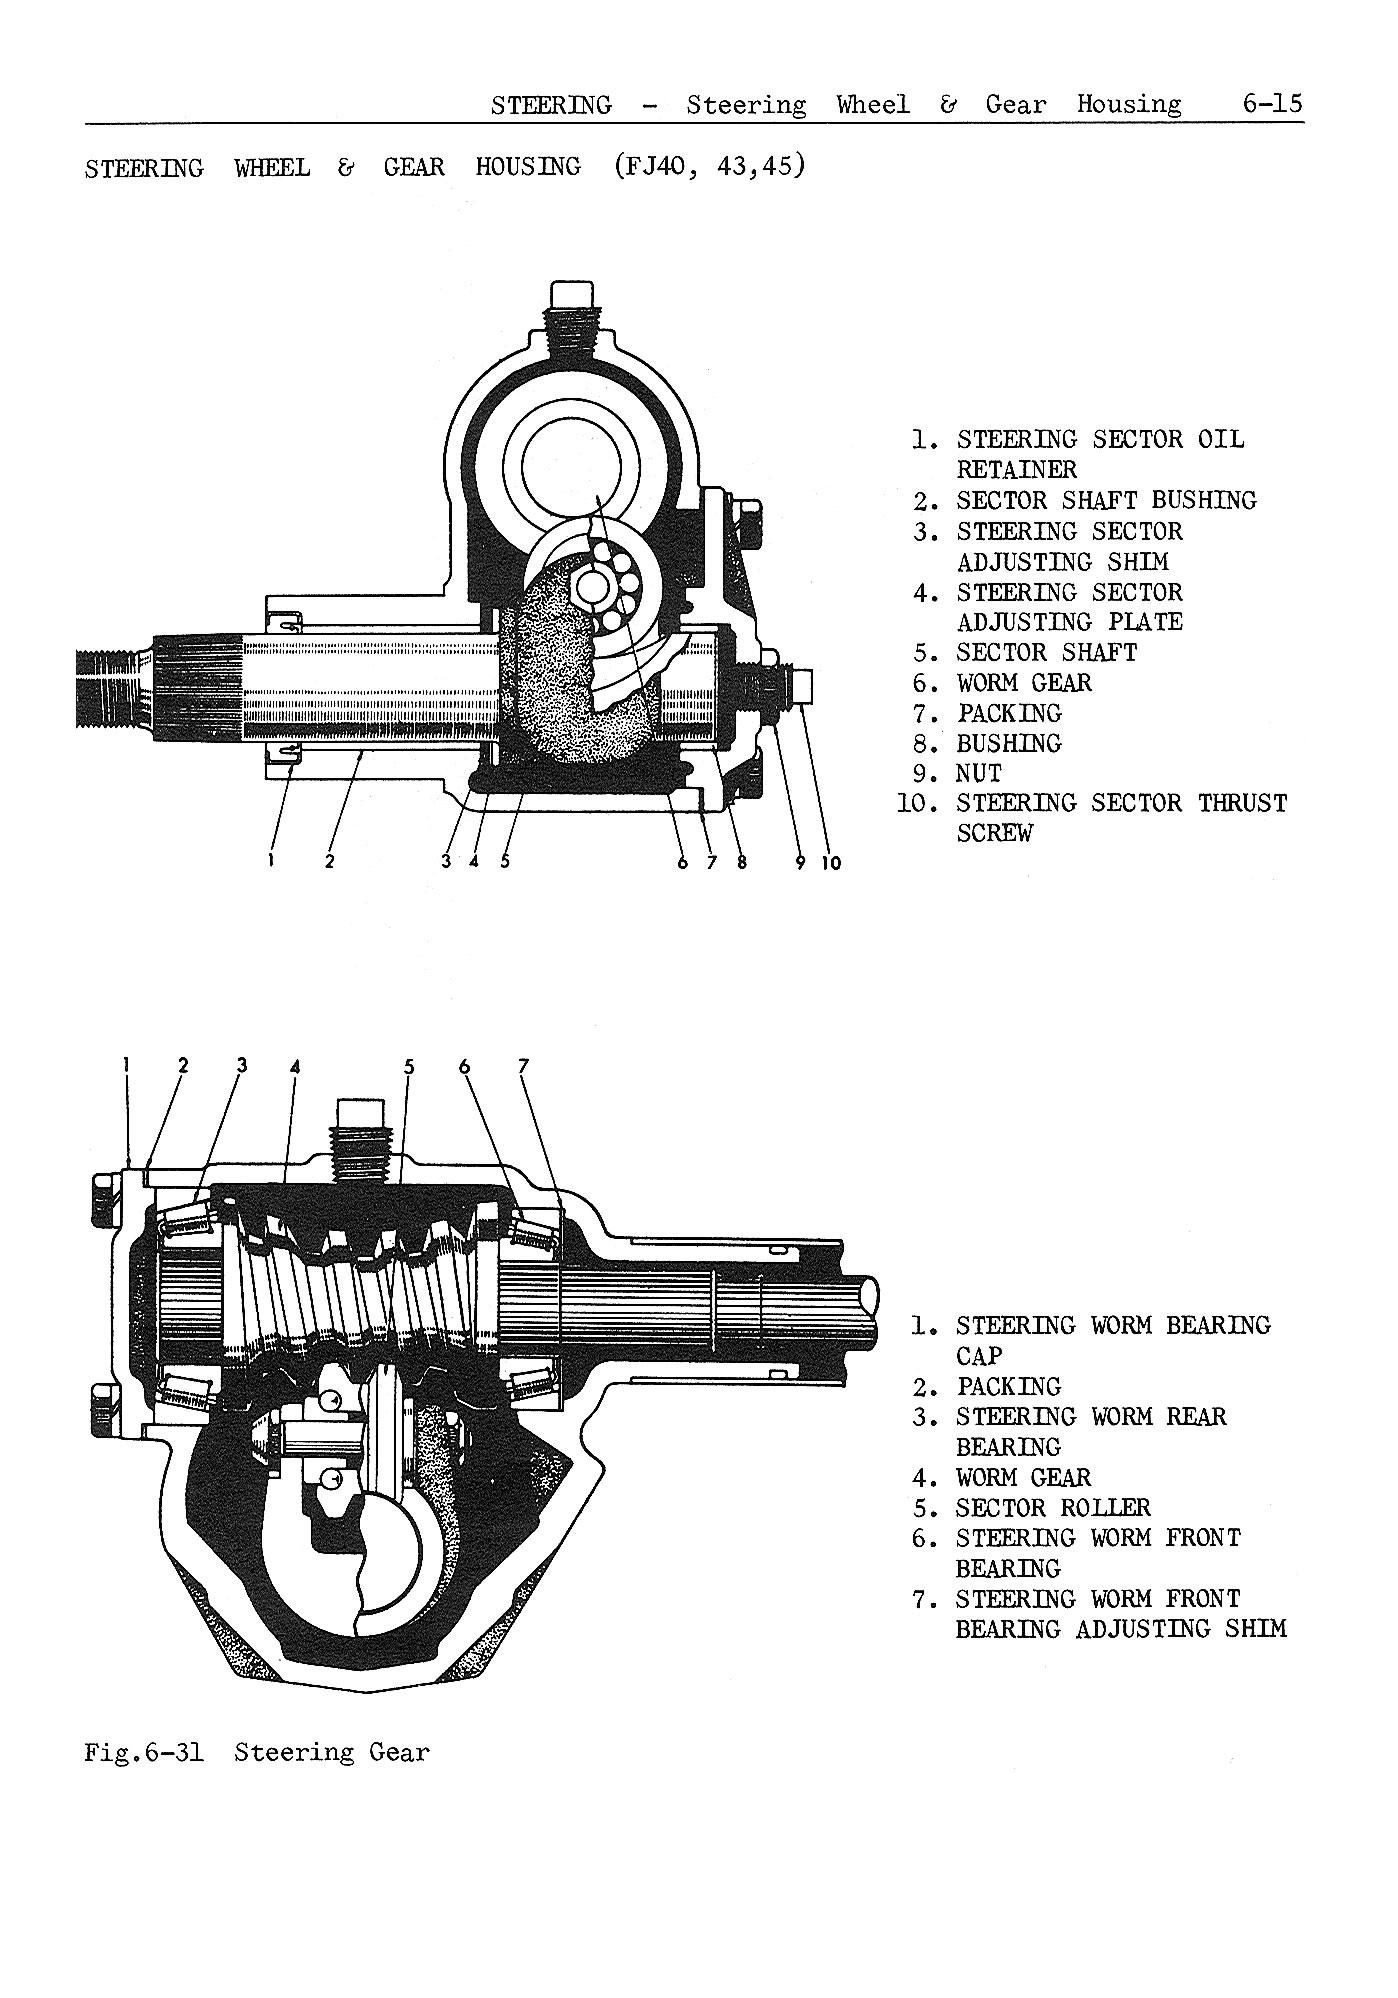 Section 6 Steering / 156Steering6-15.tif